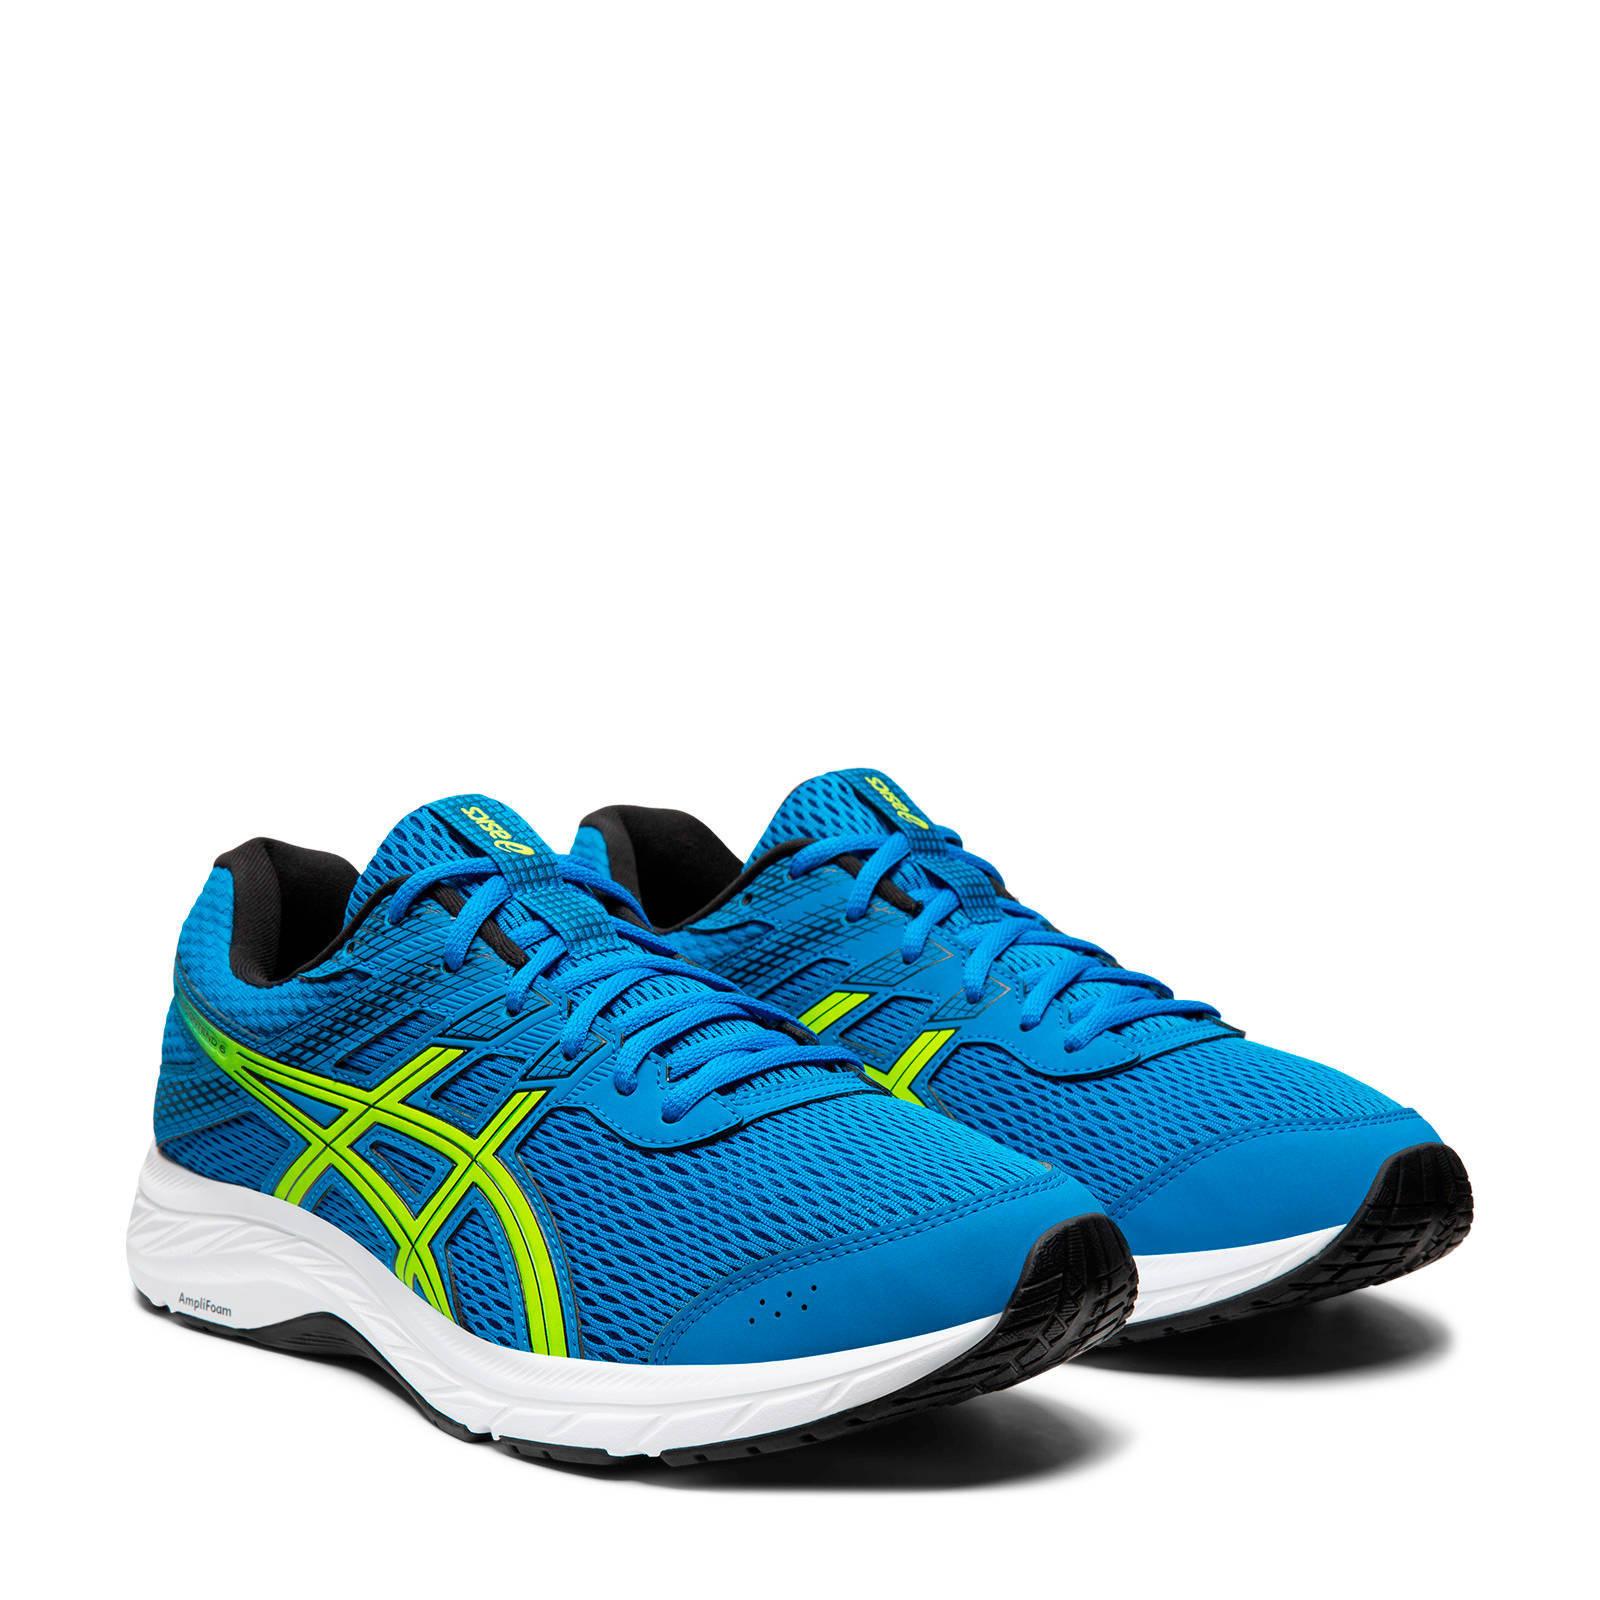 asics schoenen blauw